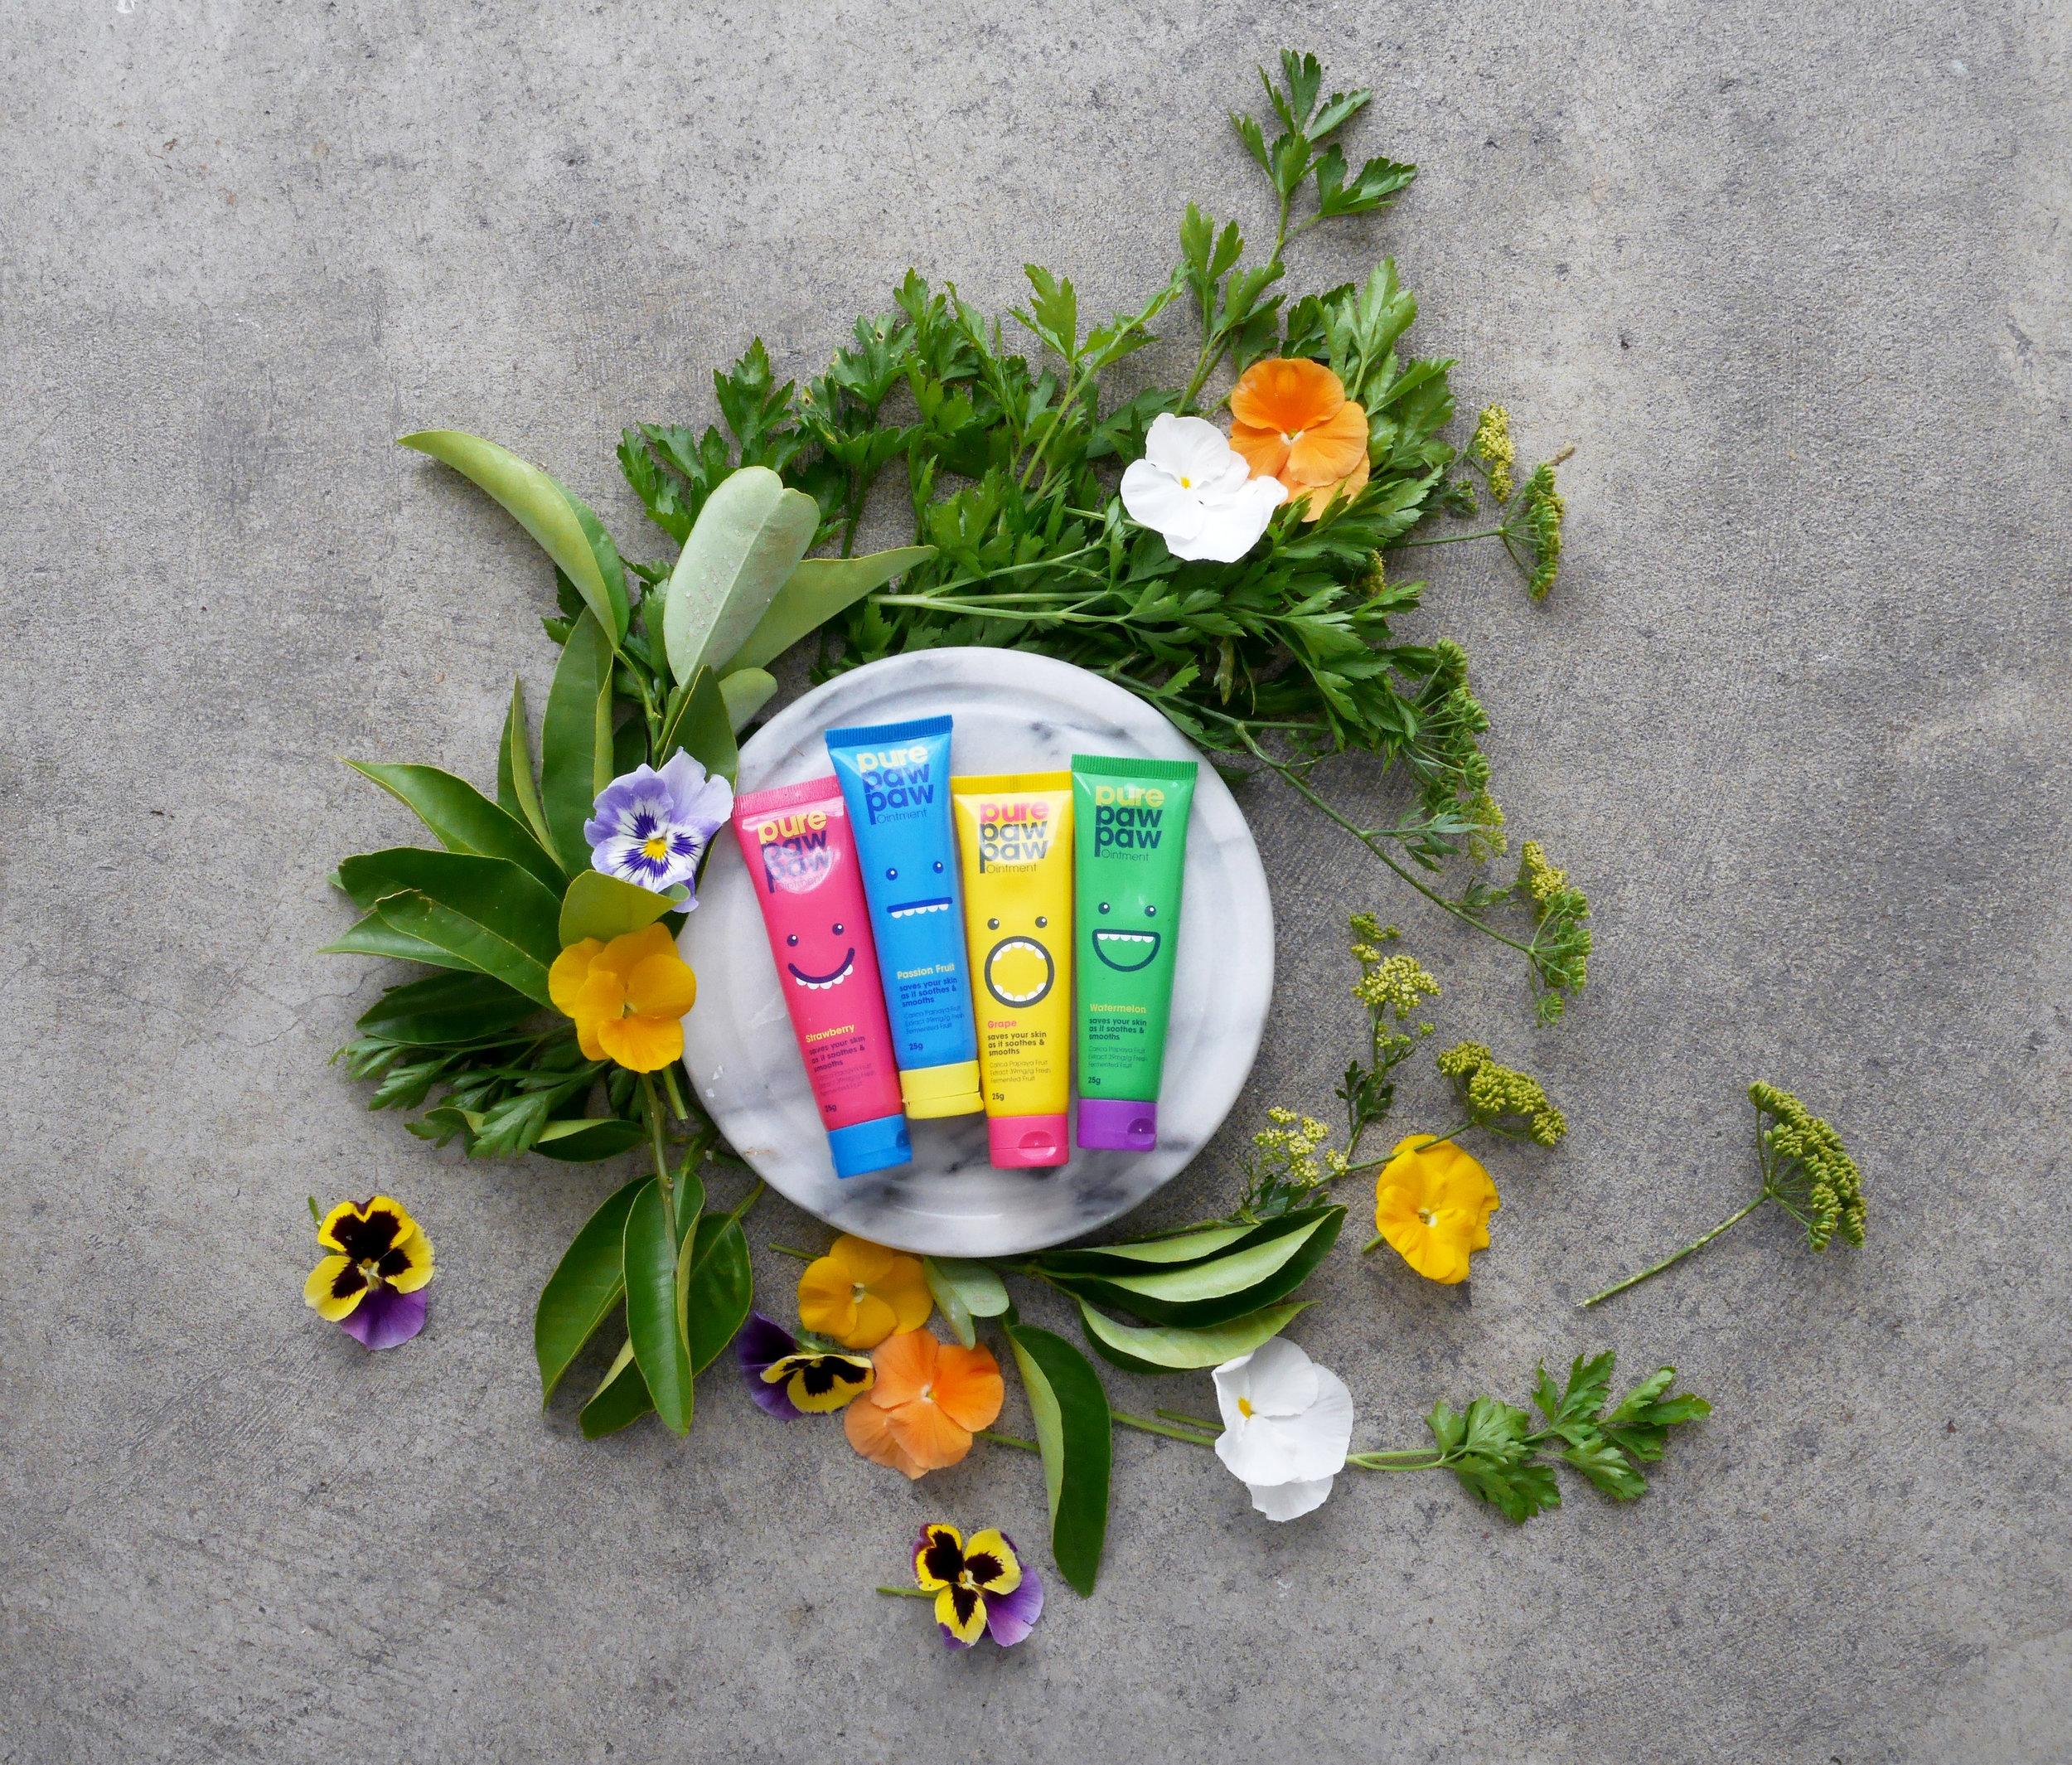 Colourful paw paw product botanical flatlay